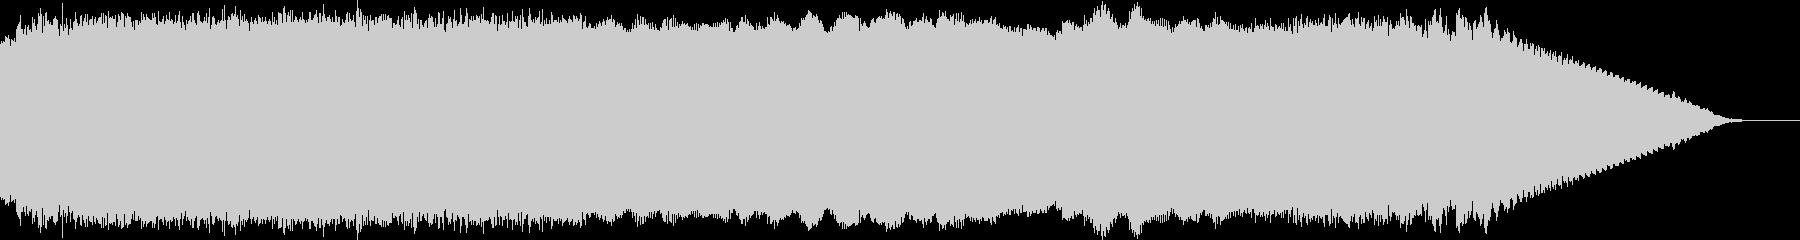 【ゲーム・アプリ】FX_13 圧力の未再生の波形